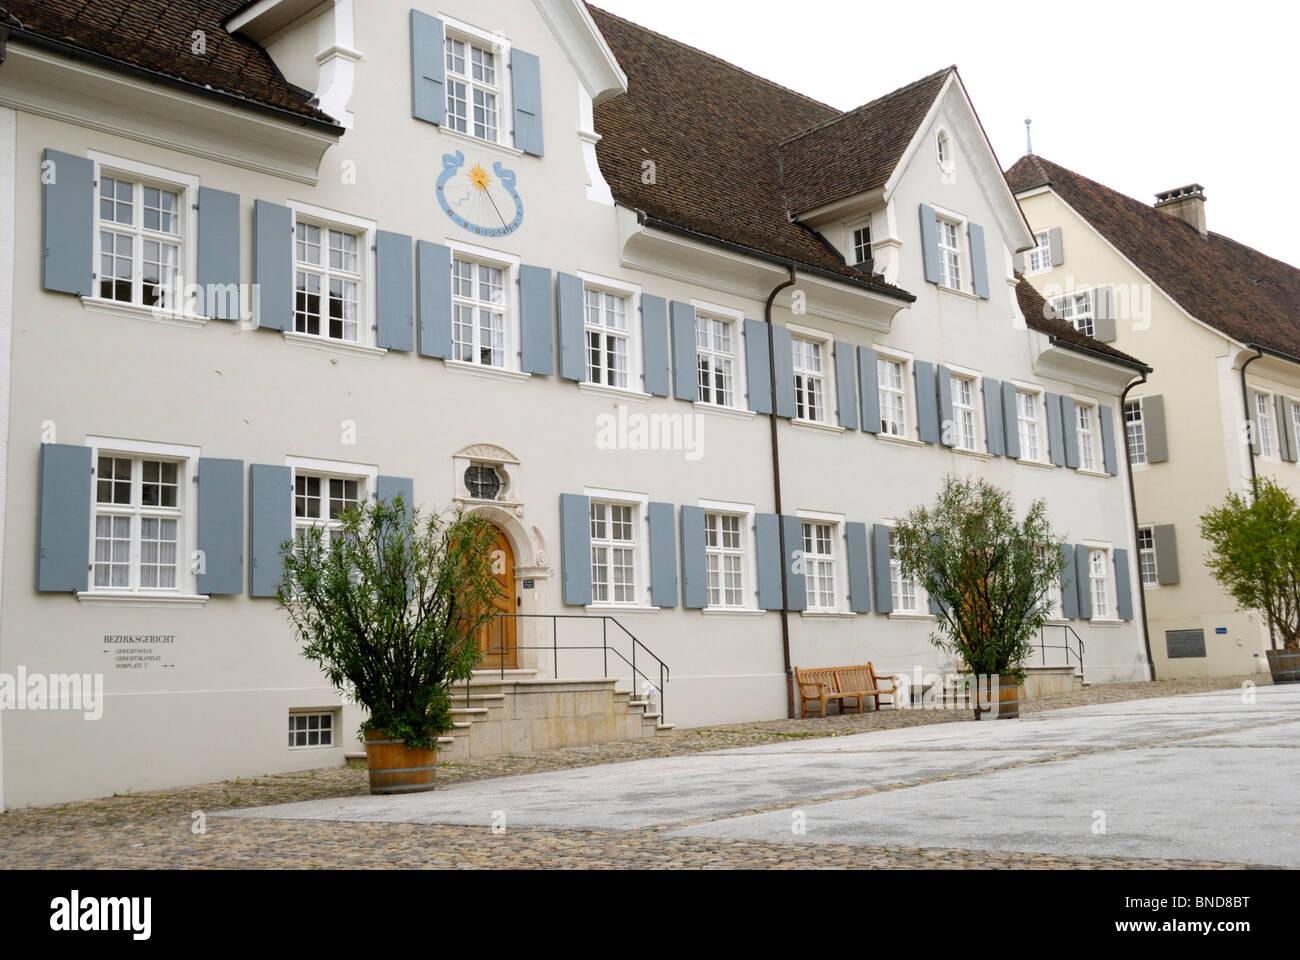 Attraktive Gebäude in Domplatz, Arlesheim, Schweiz Stockbild